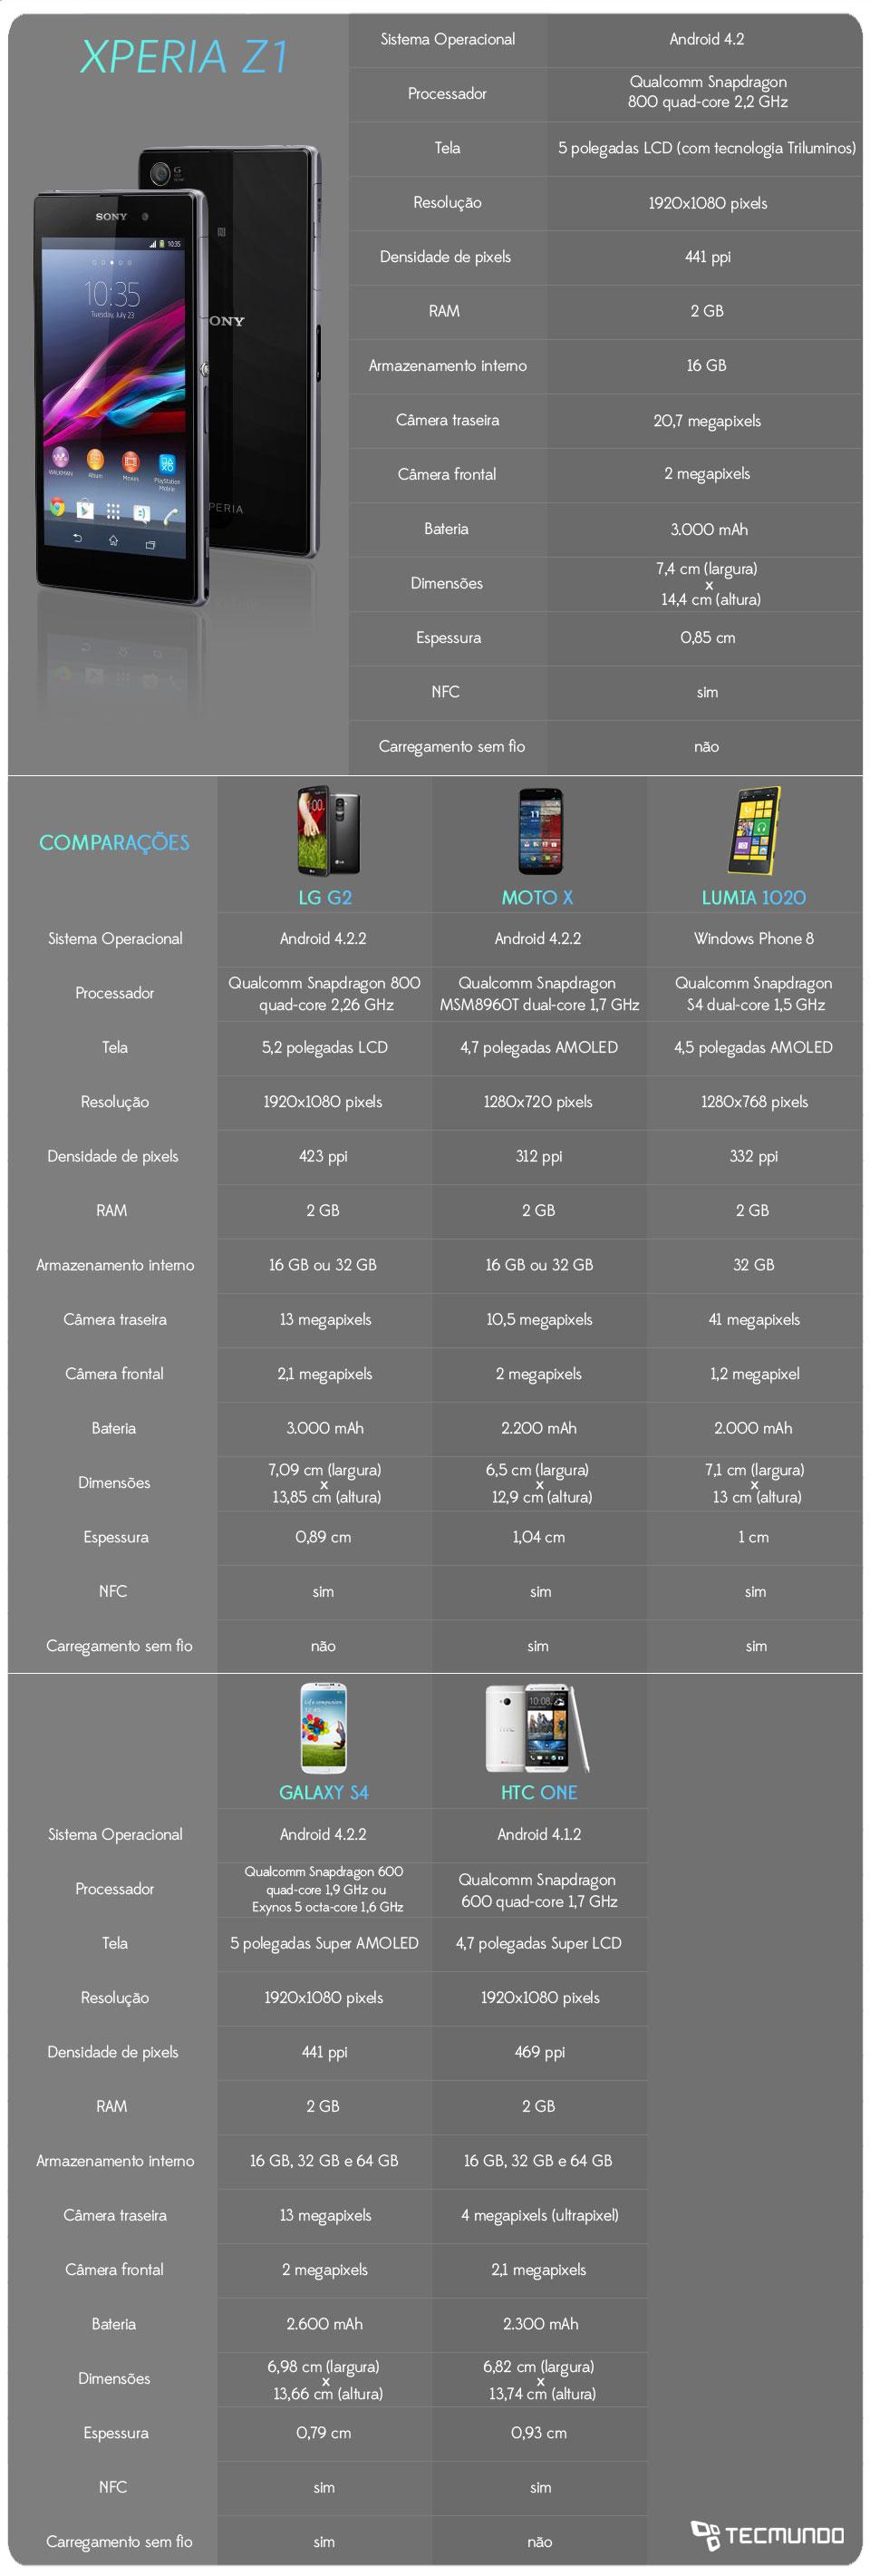 Comparação: Sony Xperia Z1 contra os principais smartphones do mercado